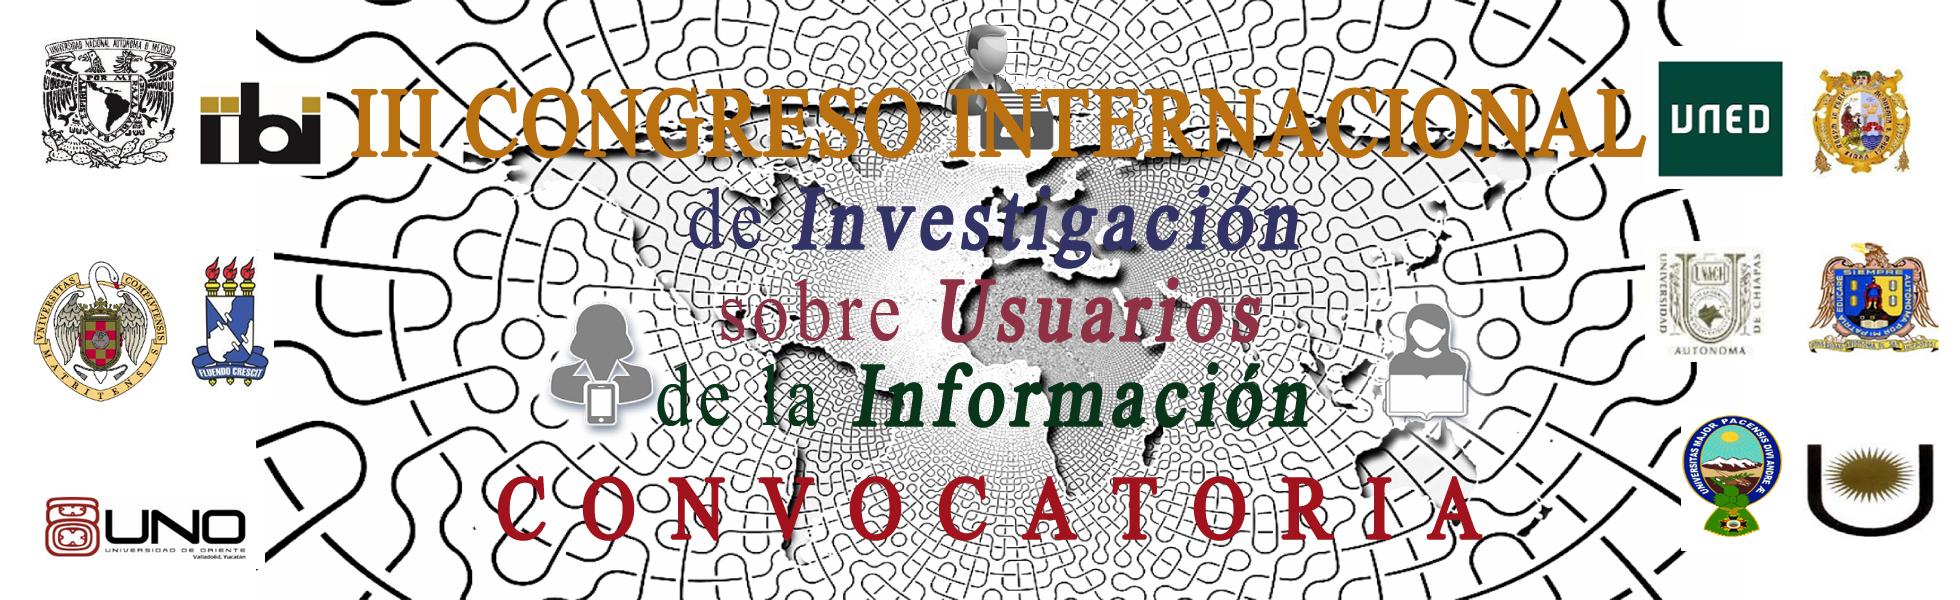 III Congreso Internacional de Investigación sobre Usuarios de la Información